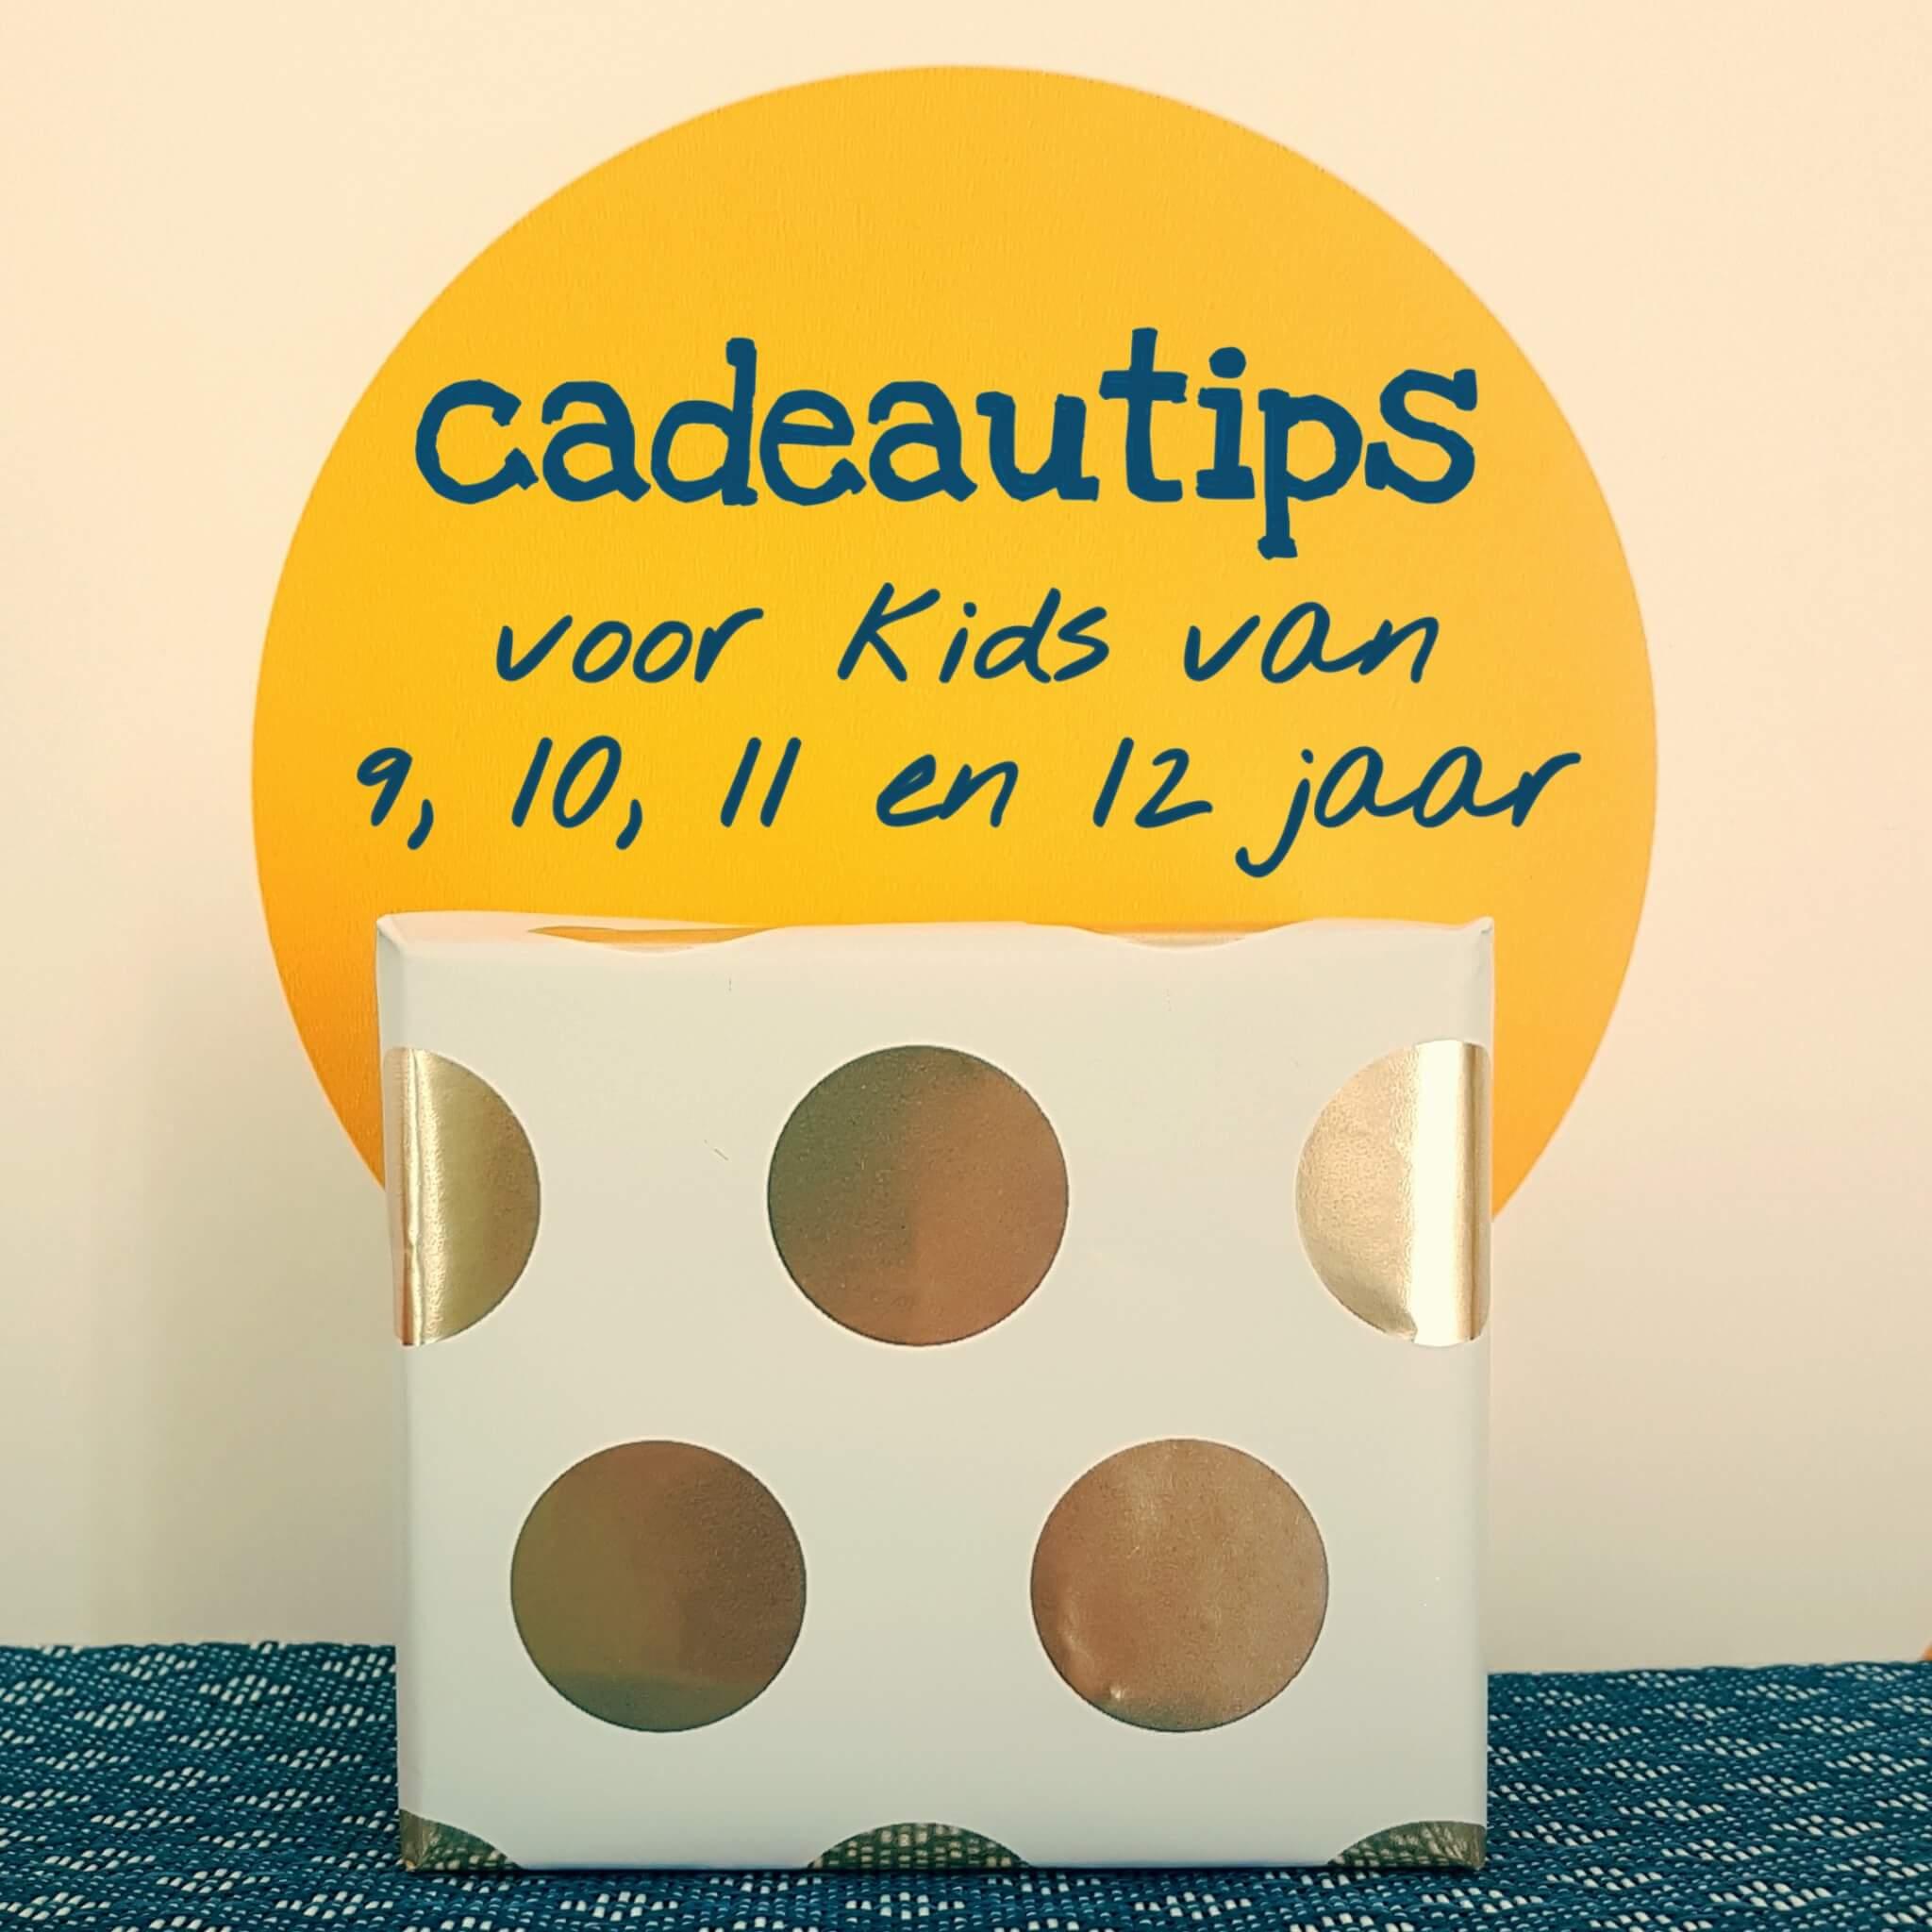 Verjaardagscadeau voor kids van 9, 10, 11 en 12 jaar: leuke cadeau tips voor bovenbouw kinderen